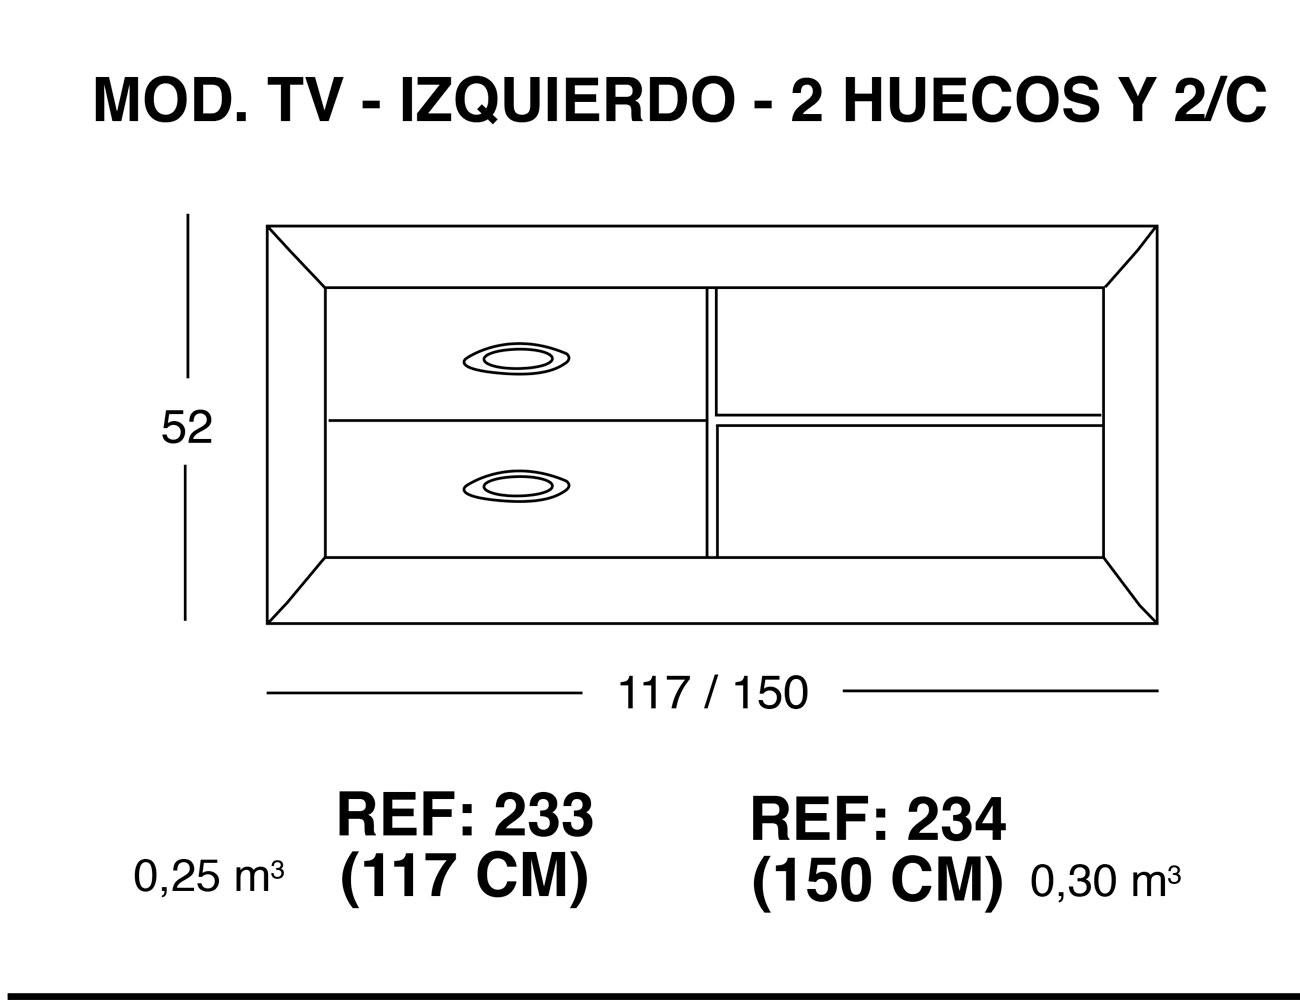 Modulo tv izquierdo 2 huecos 2 cajones